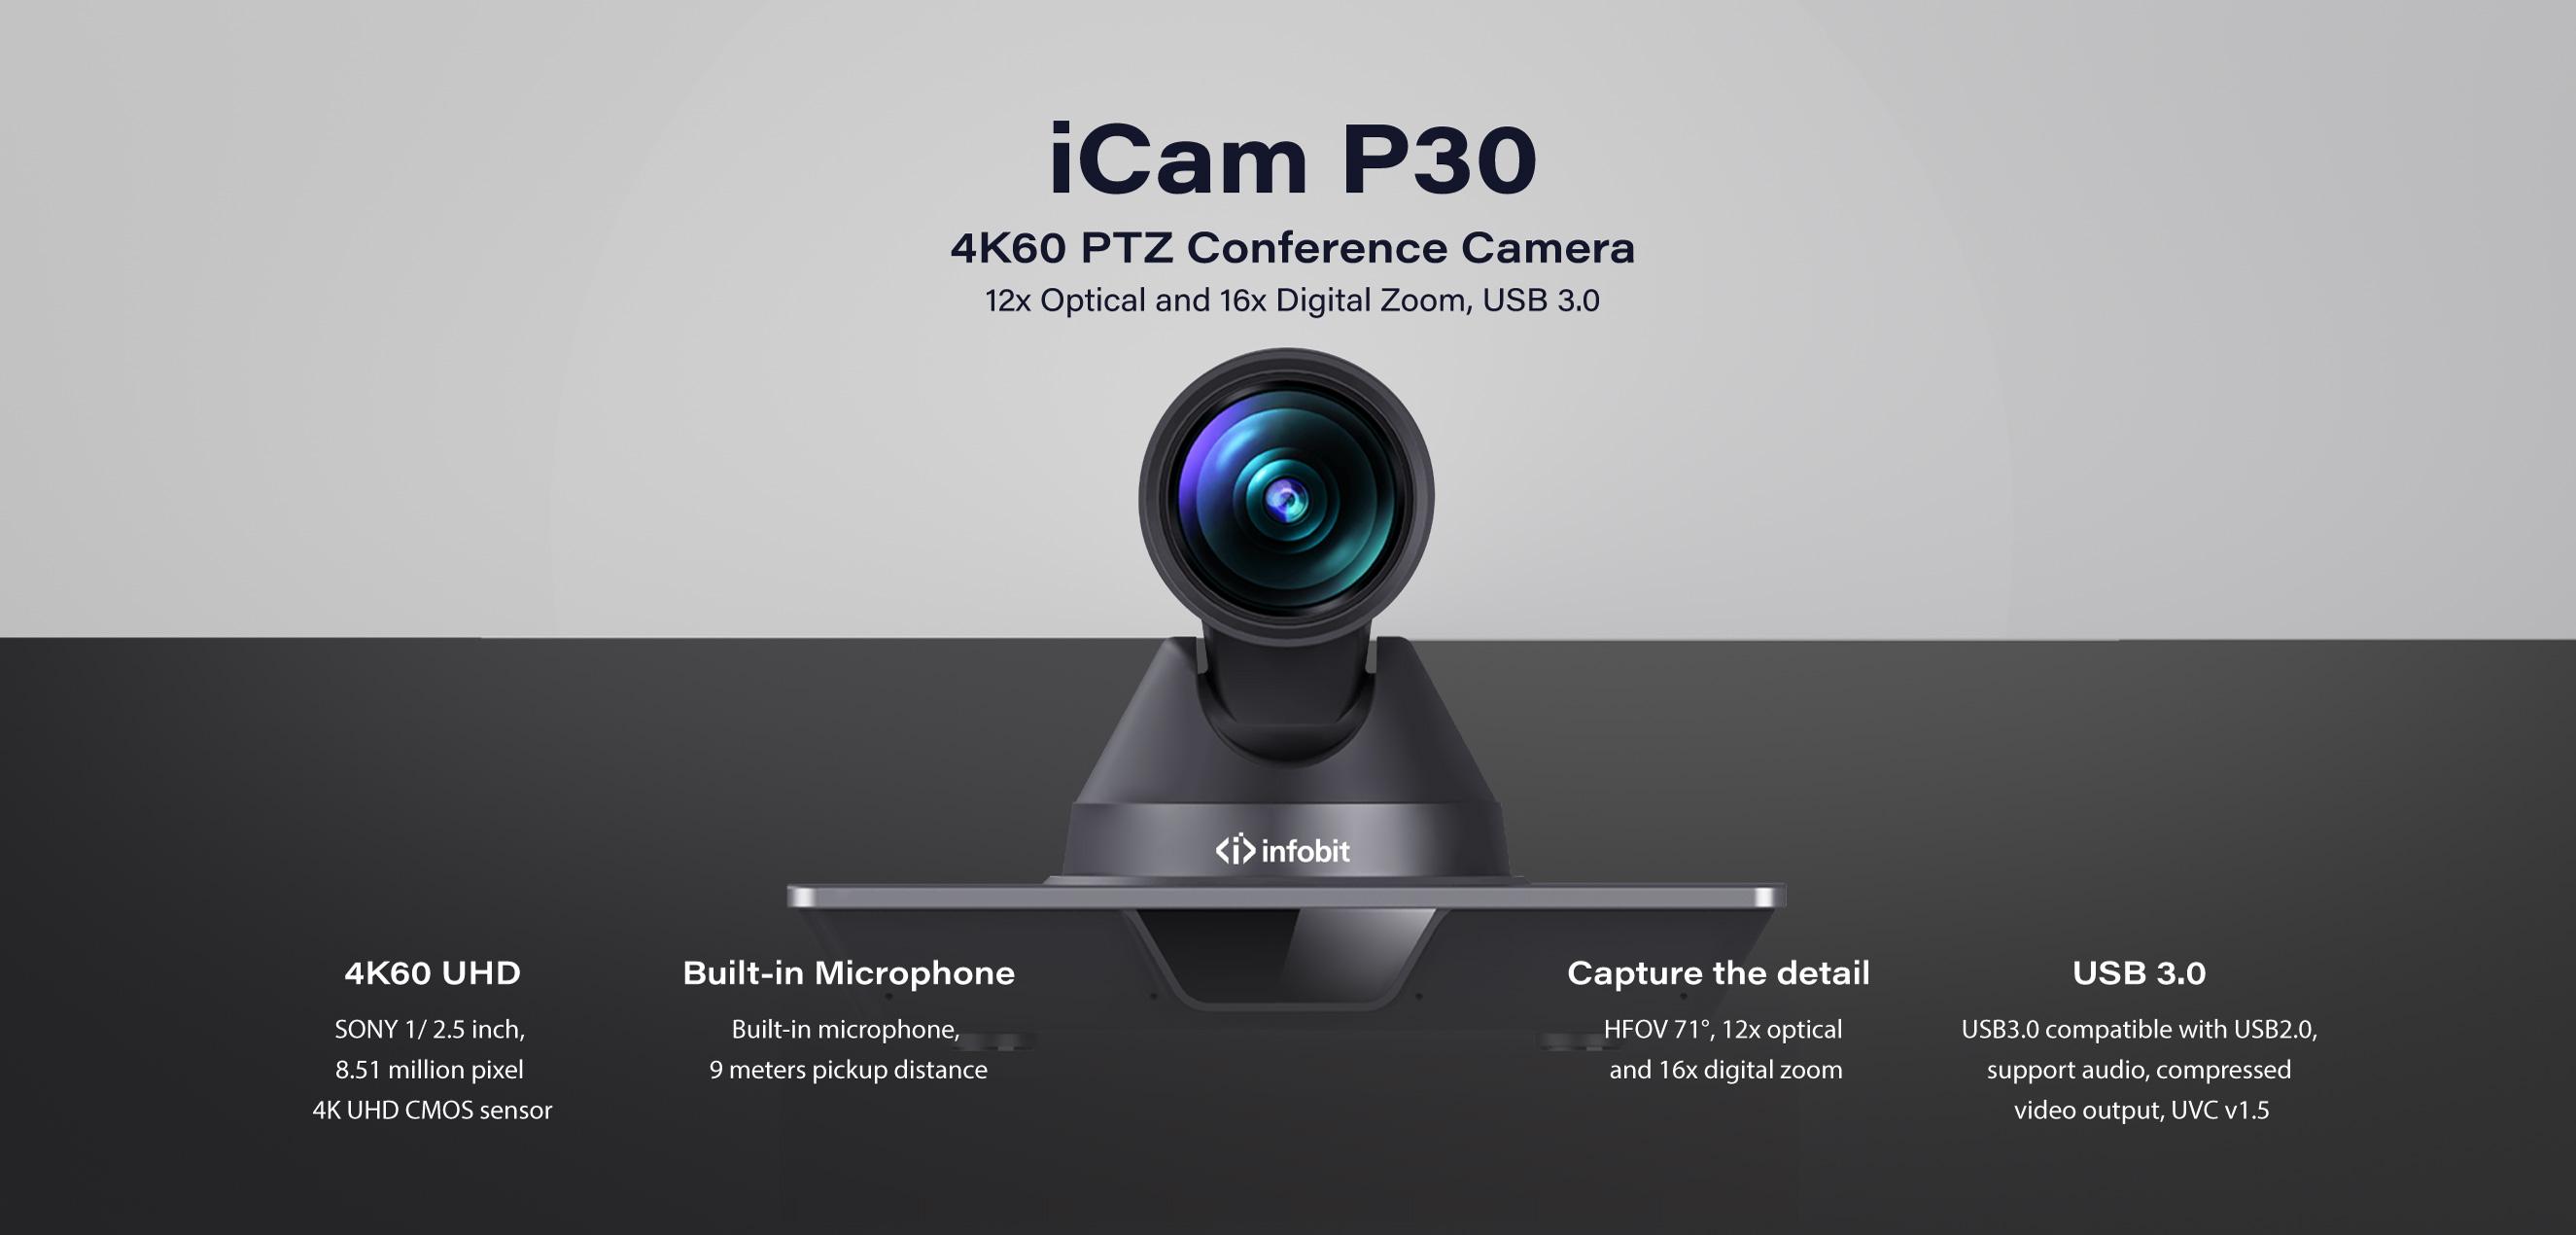 iCam P30 4K60 PTZ camera